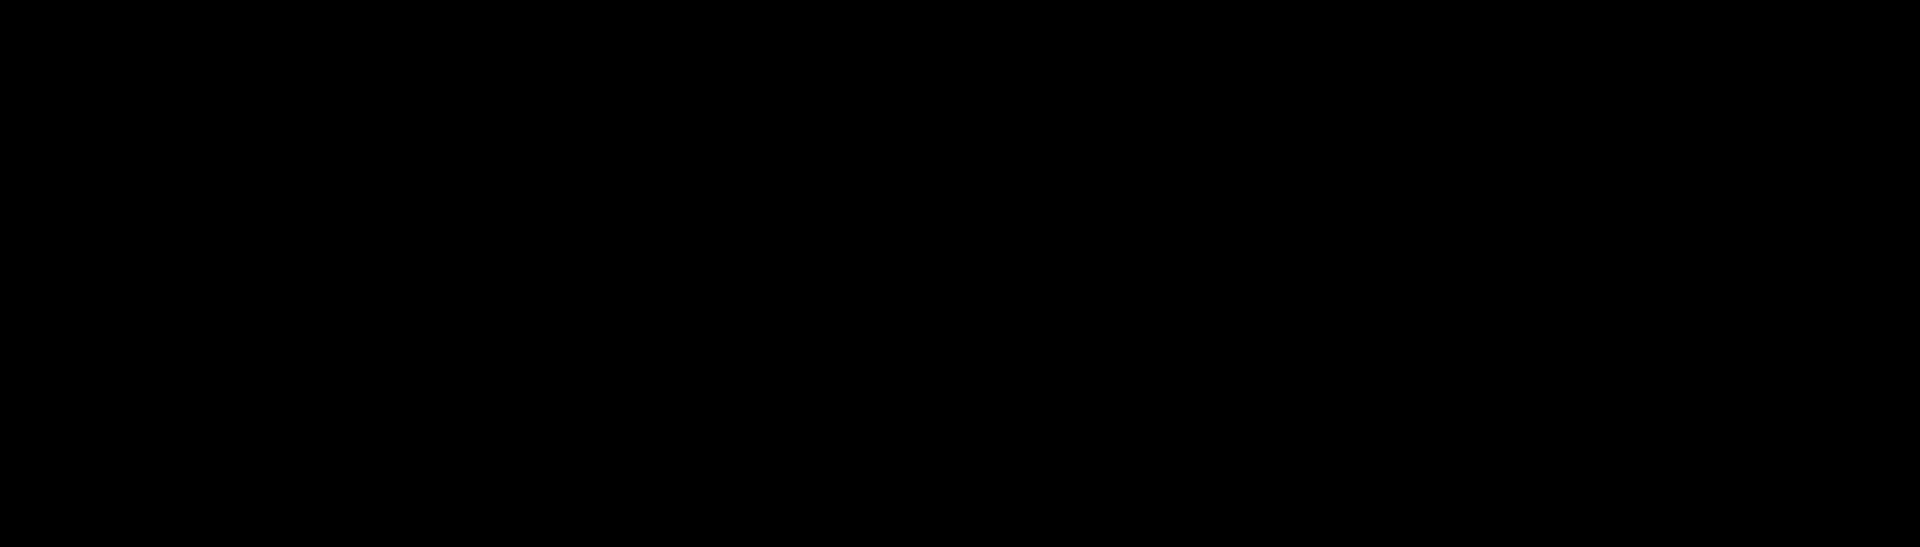 Ludwig Beeg Logo Schwarz